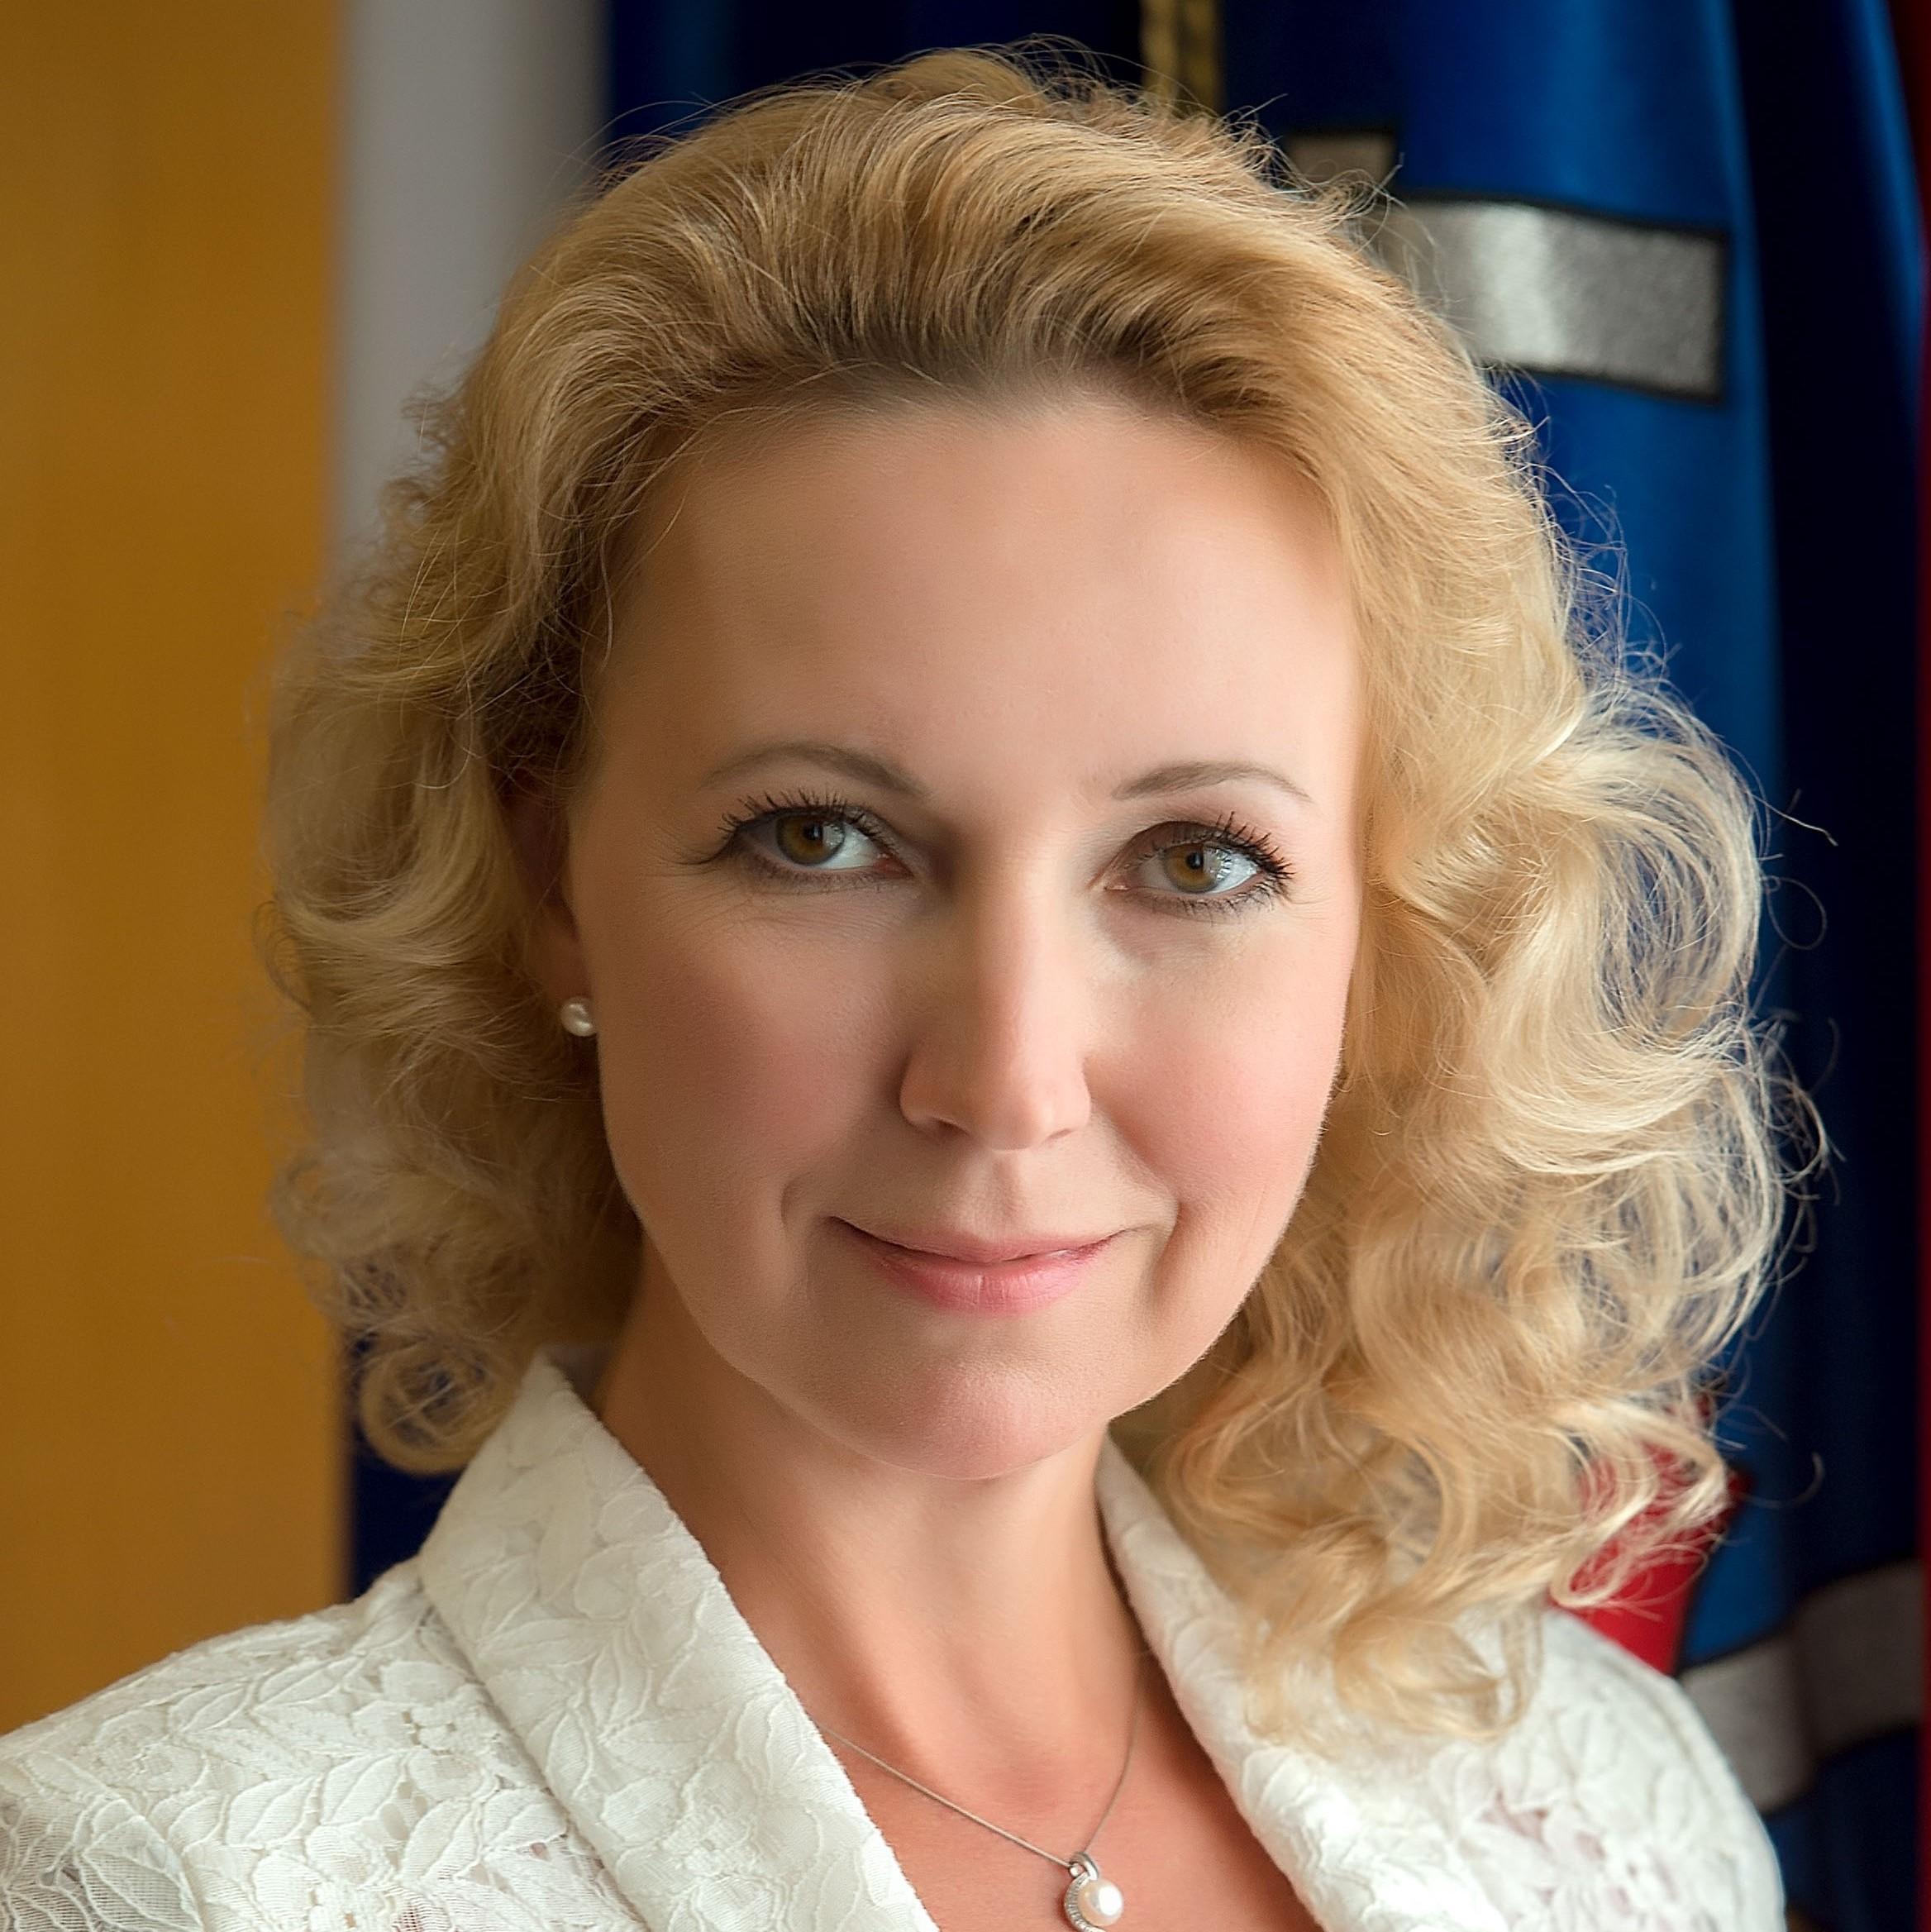 Татьяна Круглова: Нельзя ли перенаправить бюджетные средства по программе «Доступная среда» более адресно?